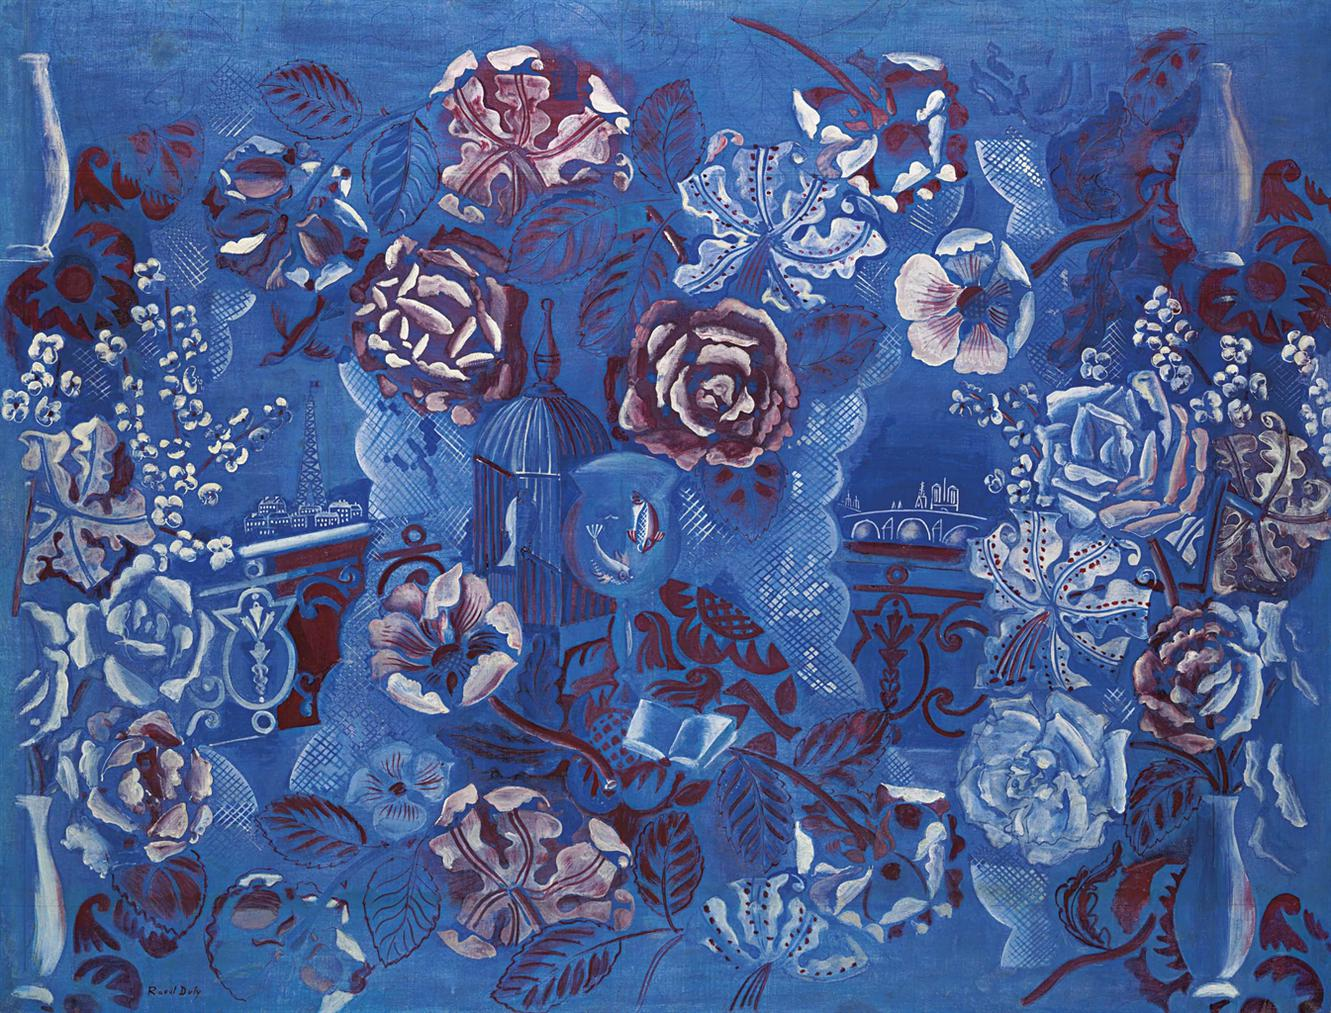 Raoul Dufy-Fenetre Ouverte Sur Paris Et Composition Florale-1924